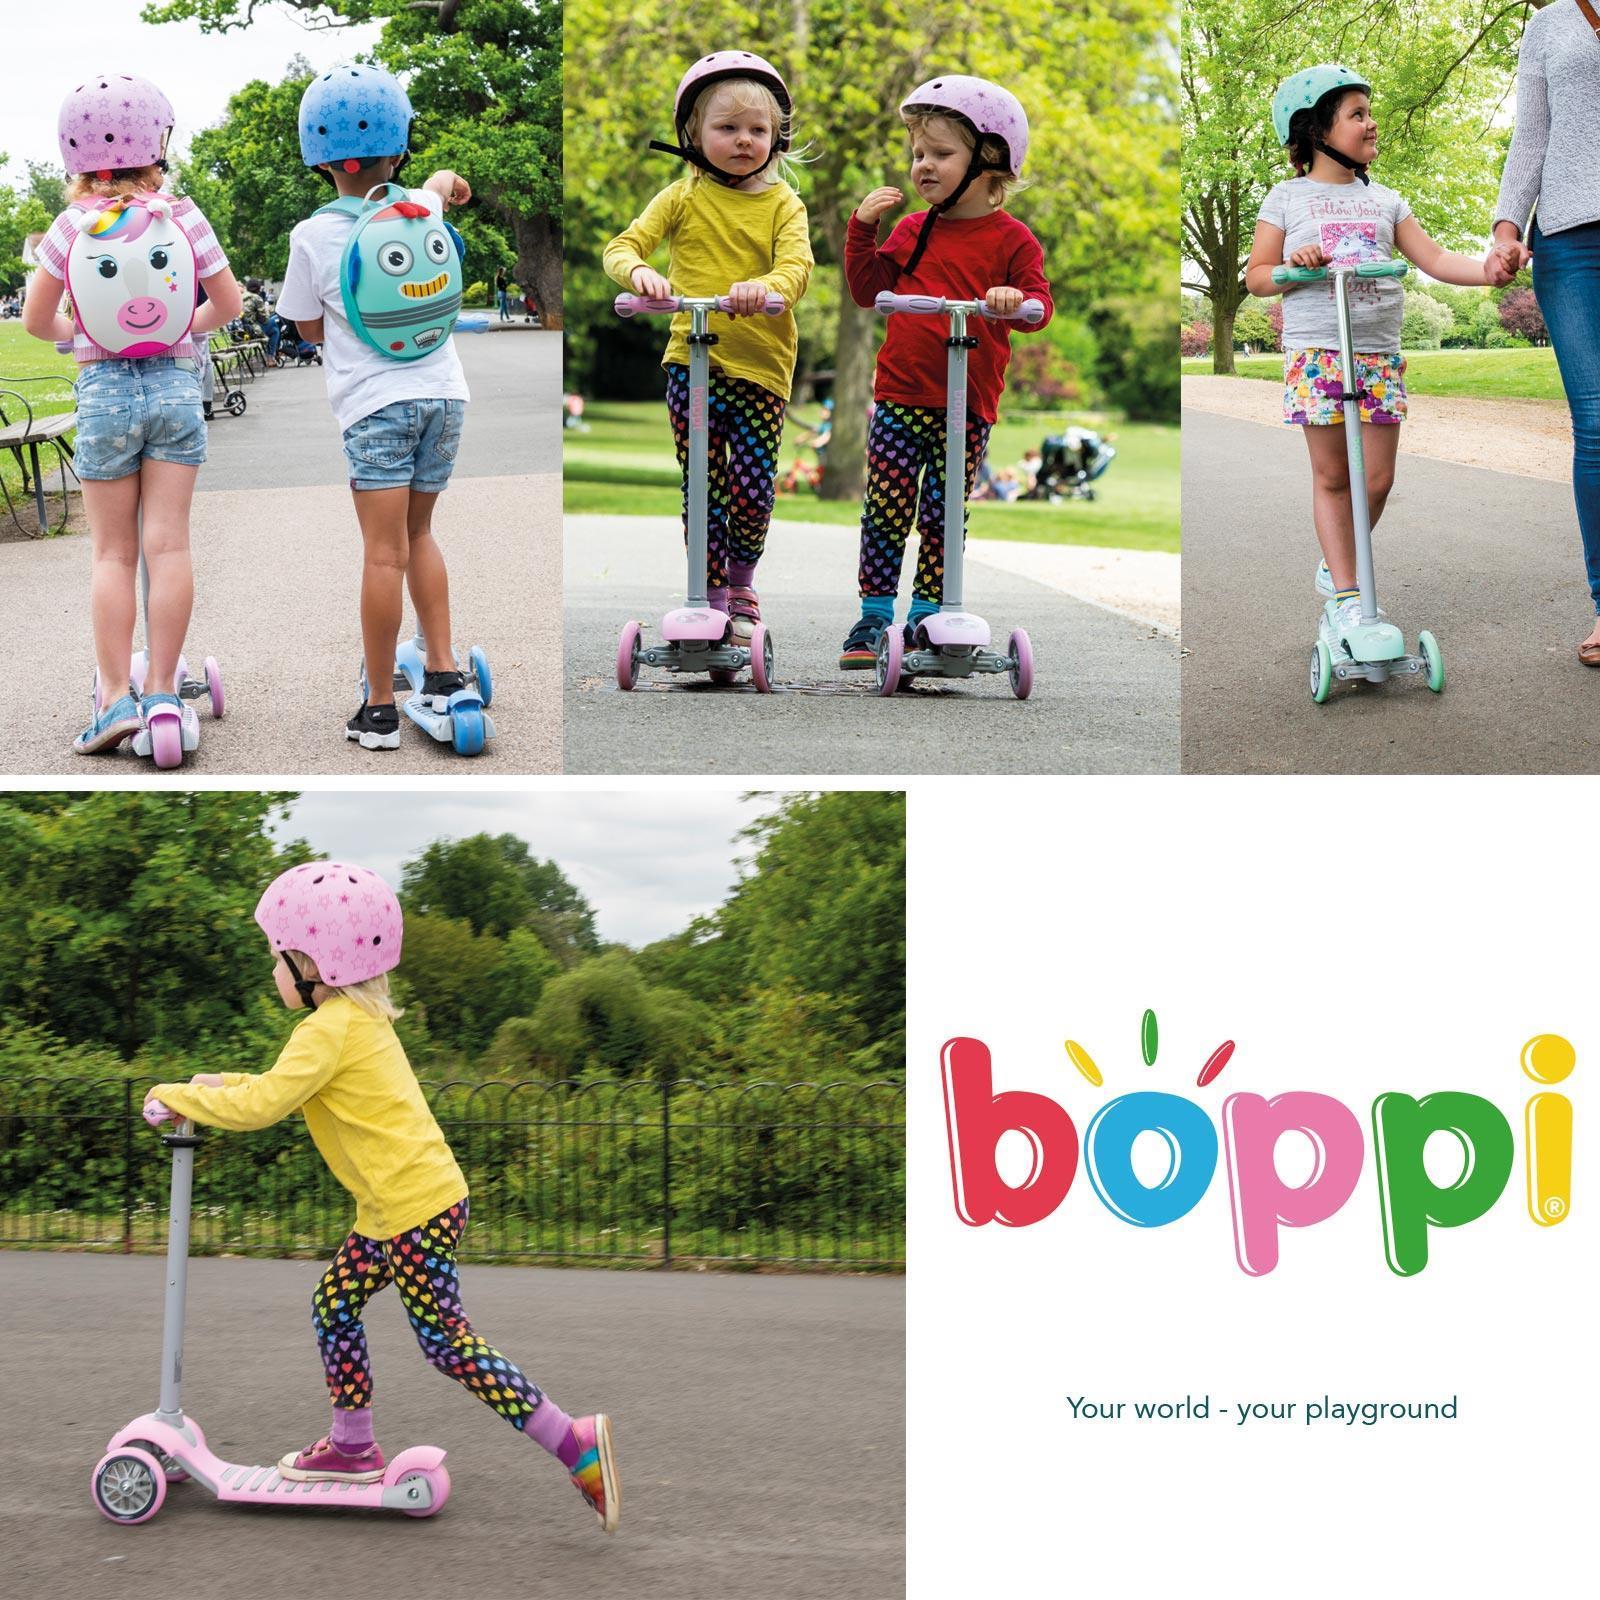 Indexbild 40 - Boppi-3-Rollen-Tretroller-Kinder-Kick-Auf-Alter-3-8-Jahre